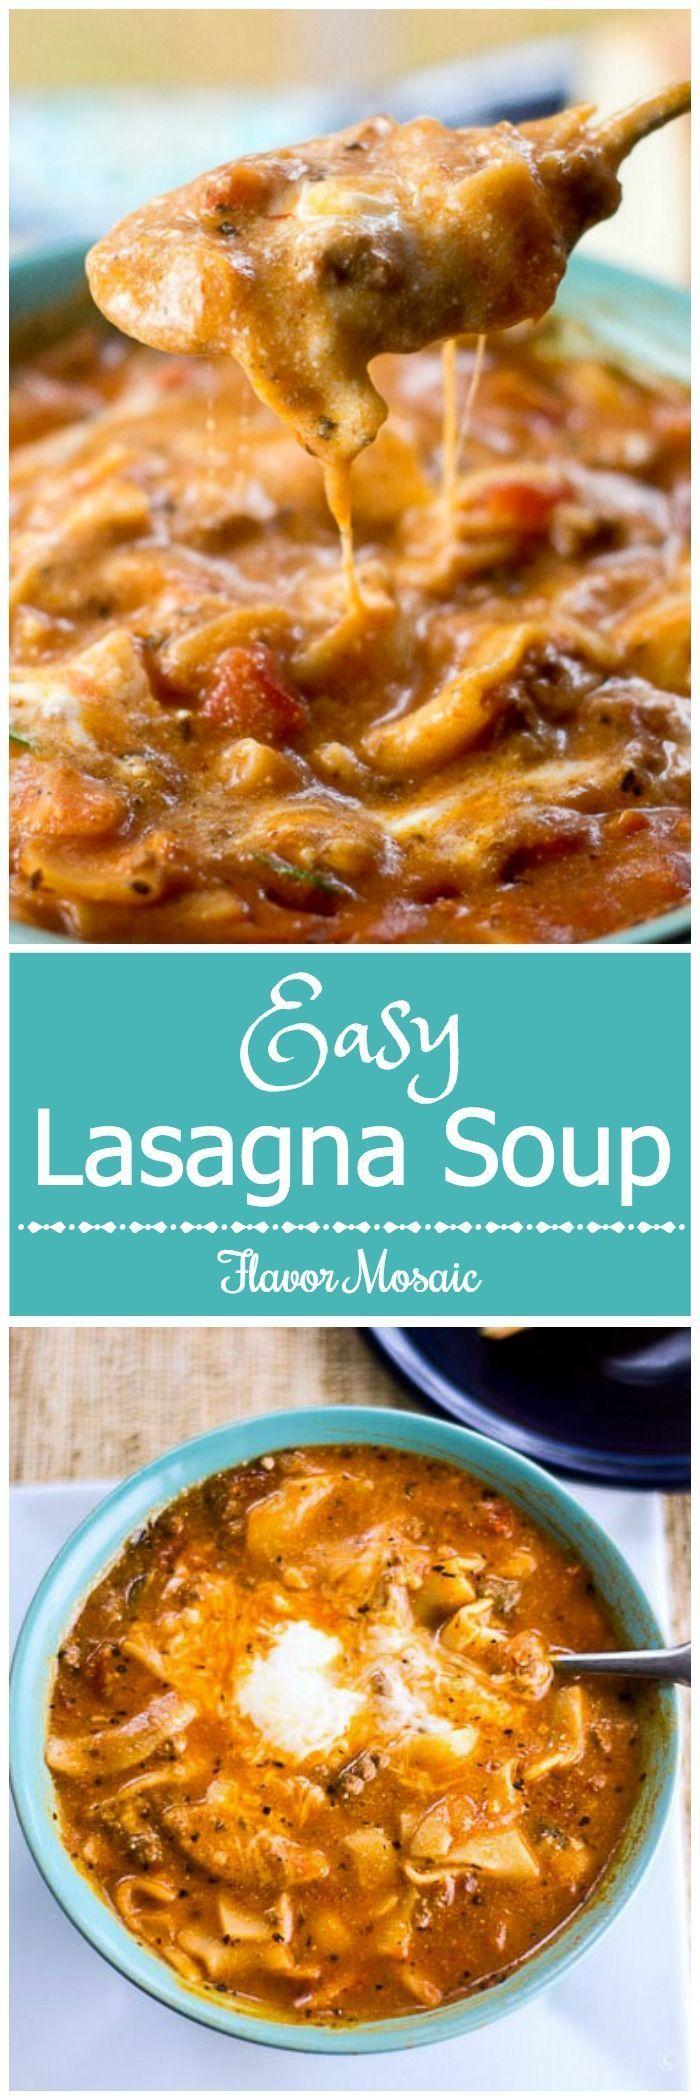 Easy Lasagna Soup via /flavormosaic/